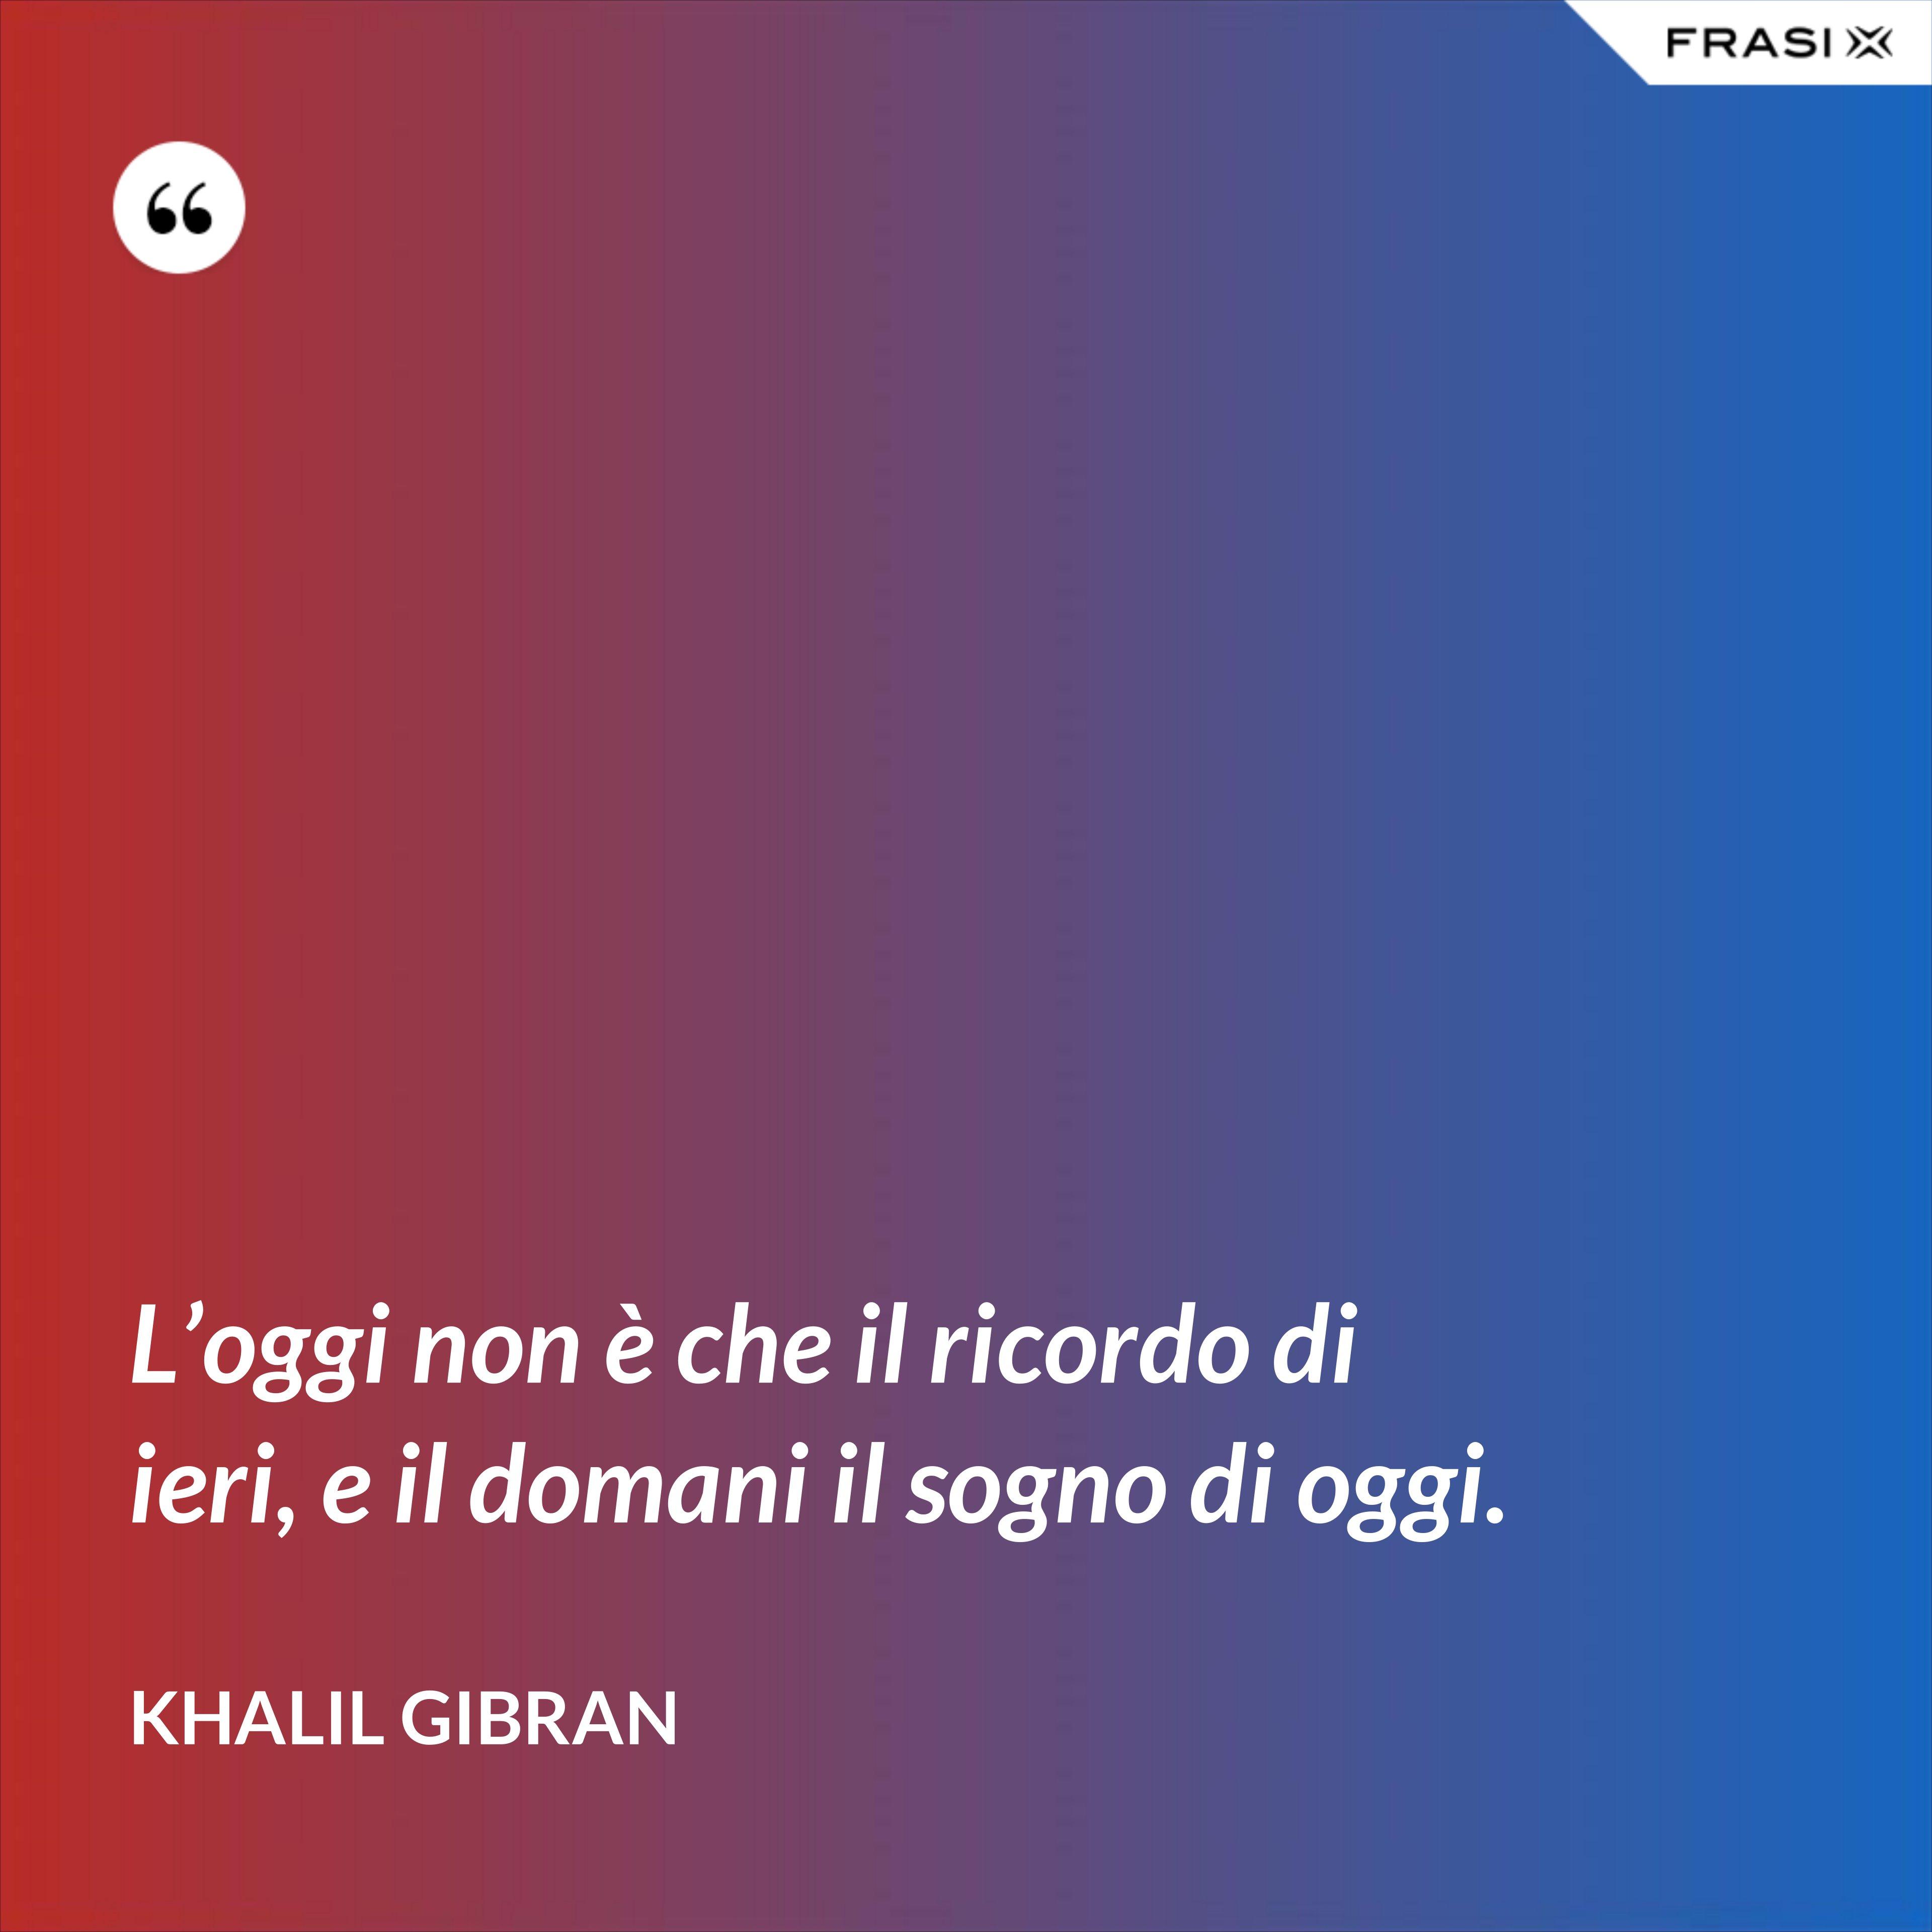 L'oggi non è che il ricordo di ieri, e il domani il sogno di oggi. - Khalil Gibran